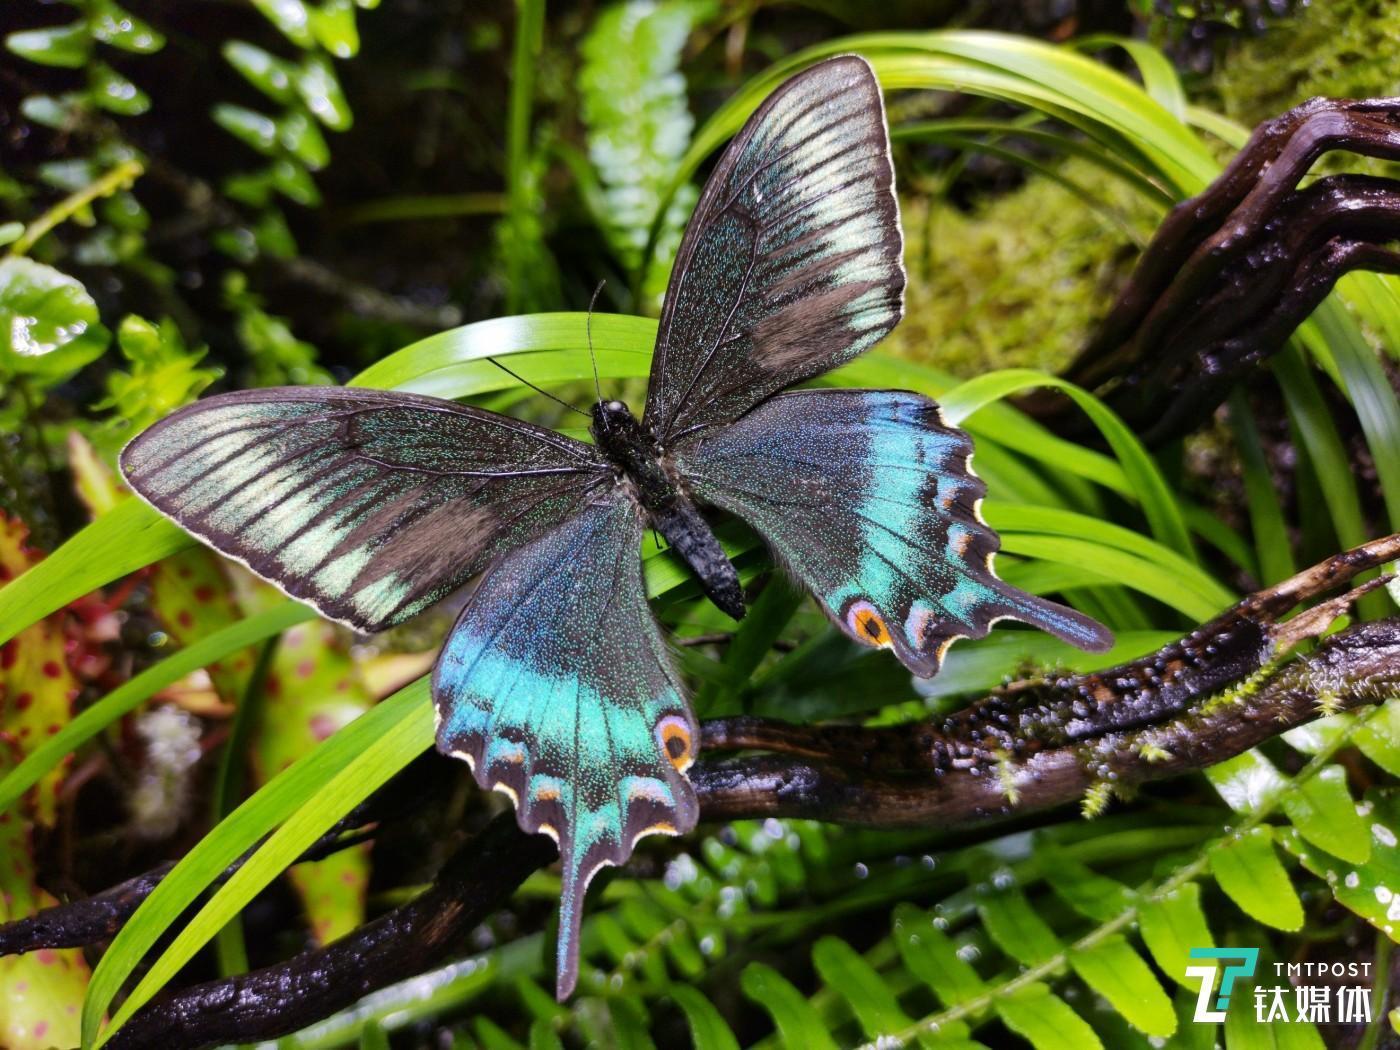 荣耀V20拍摄的蝴蝶样张